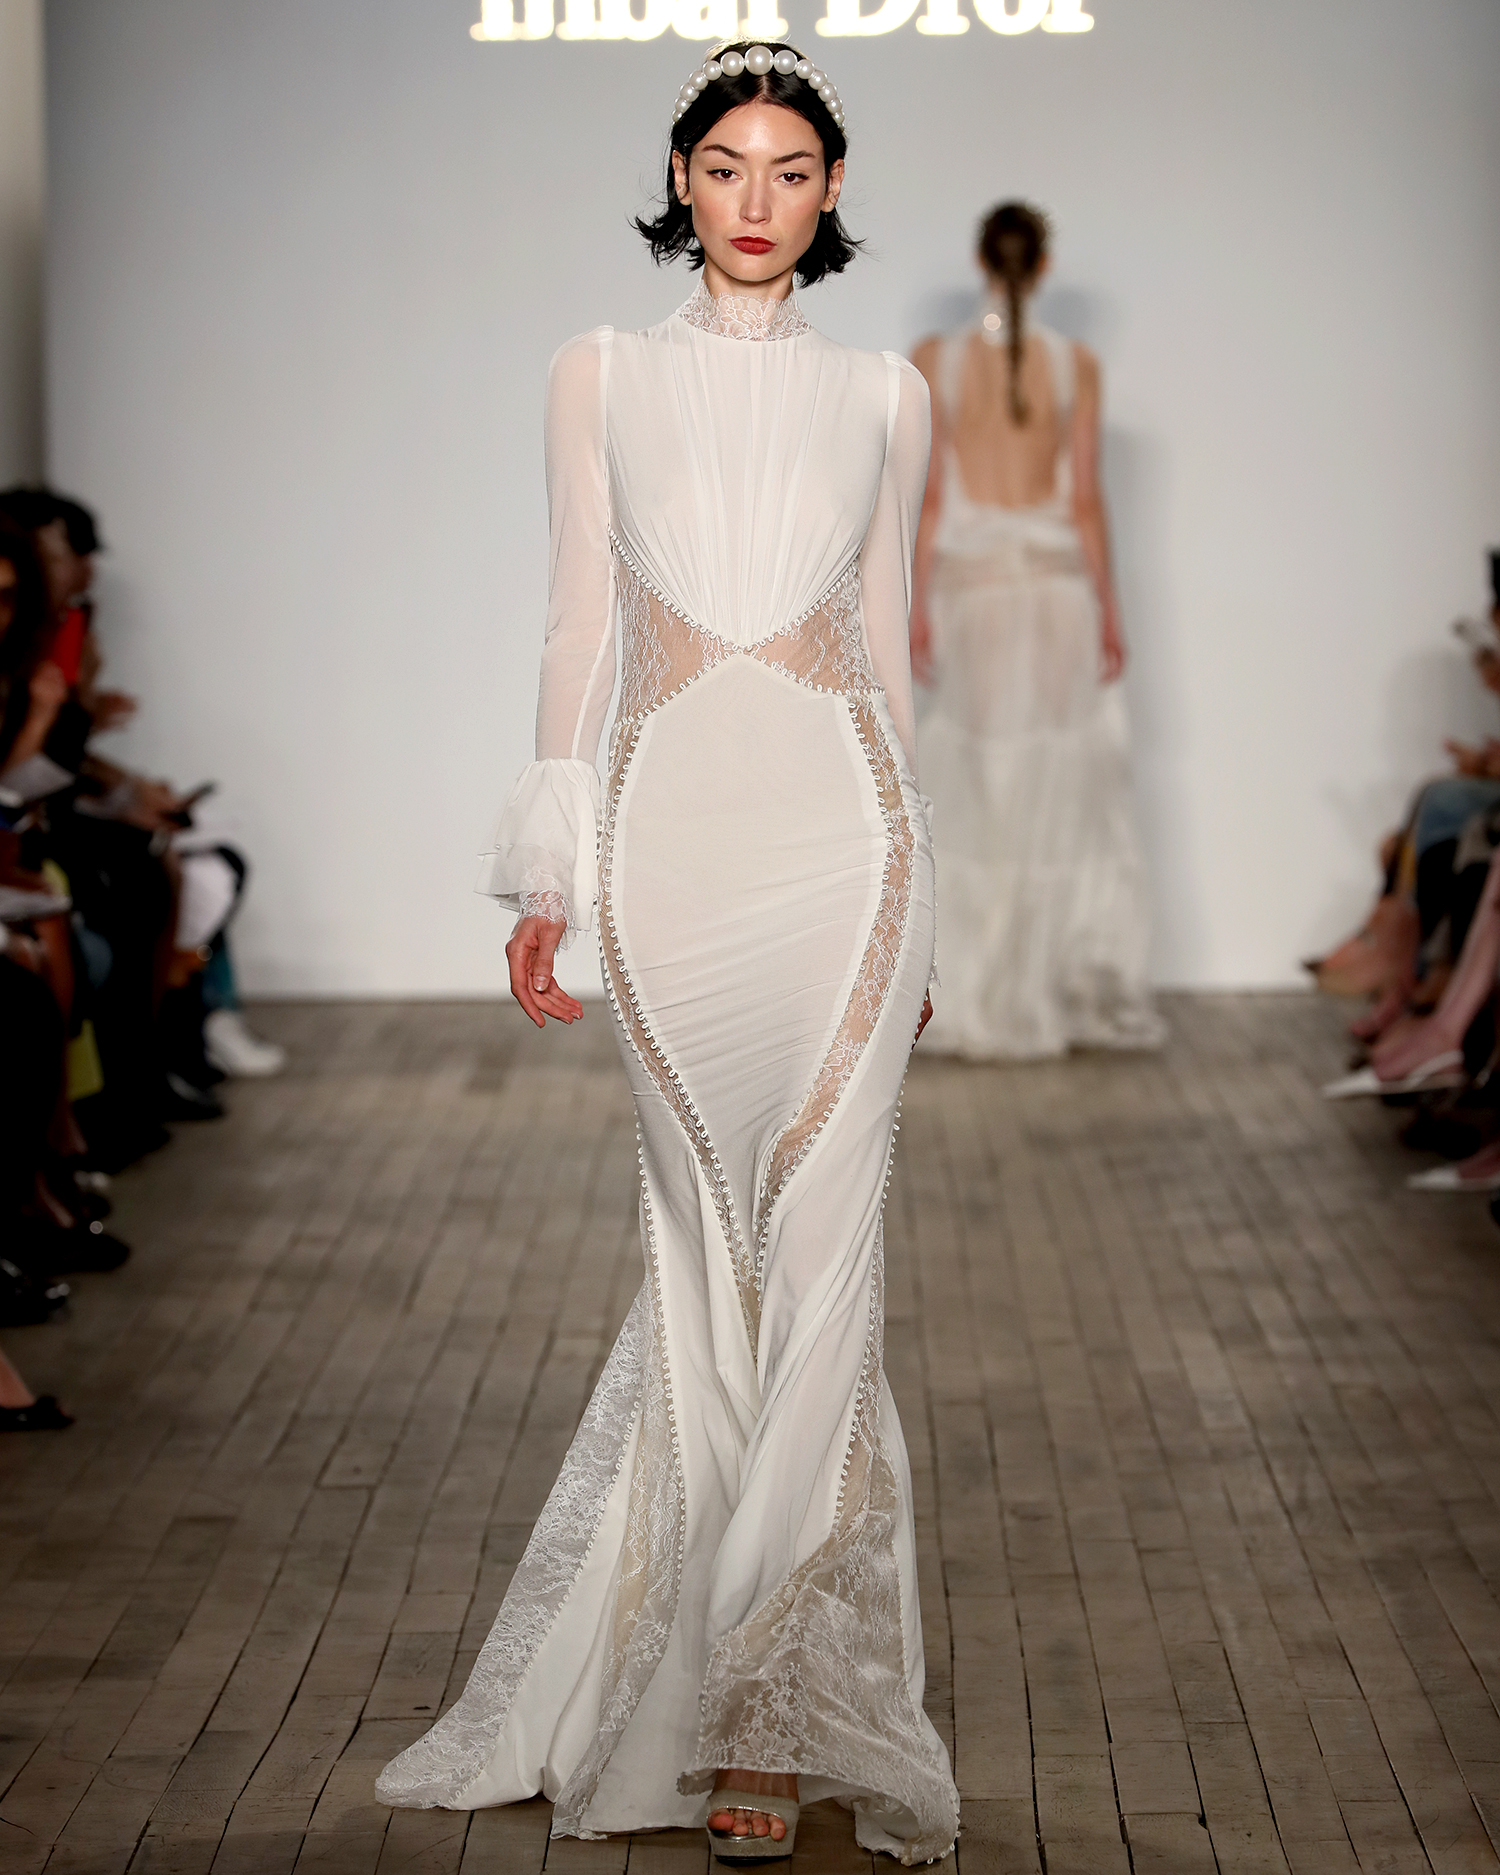 inbal dror wedding dress high neck with vertical skirt cutouts